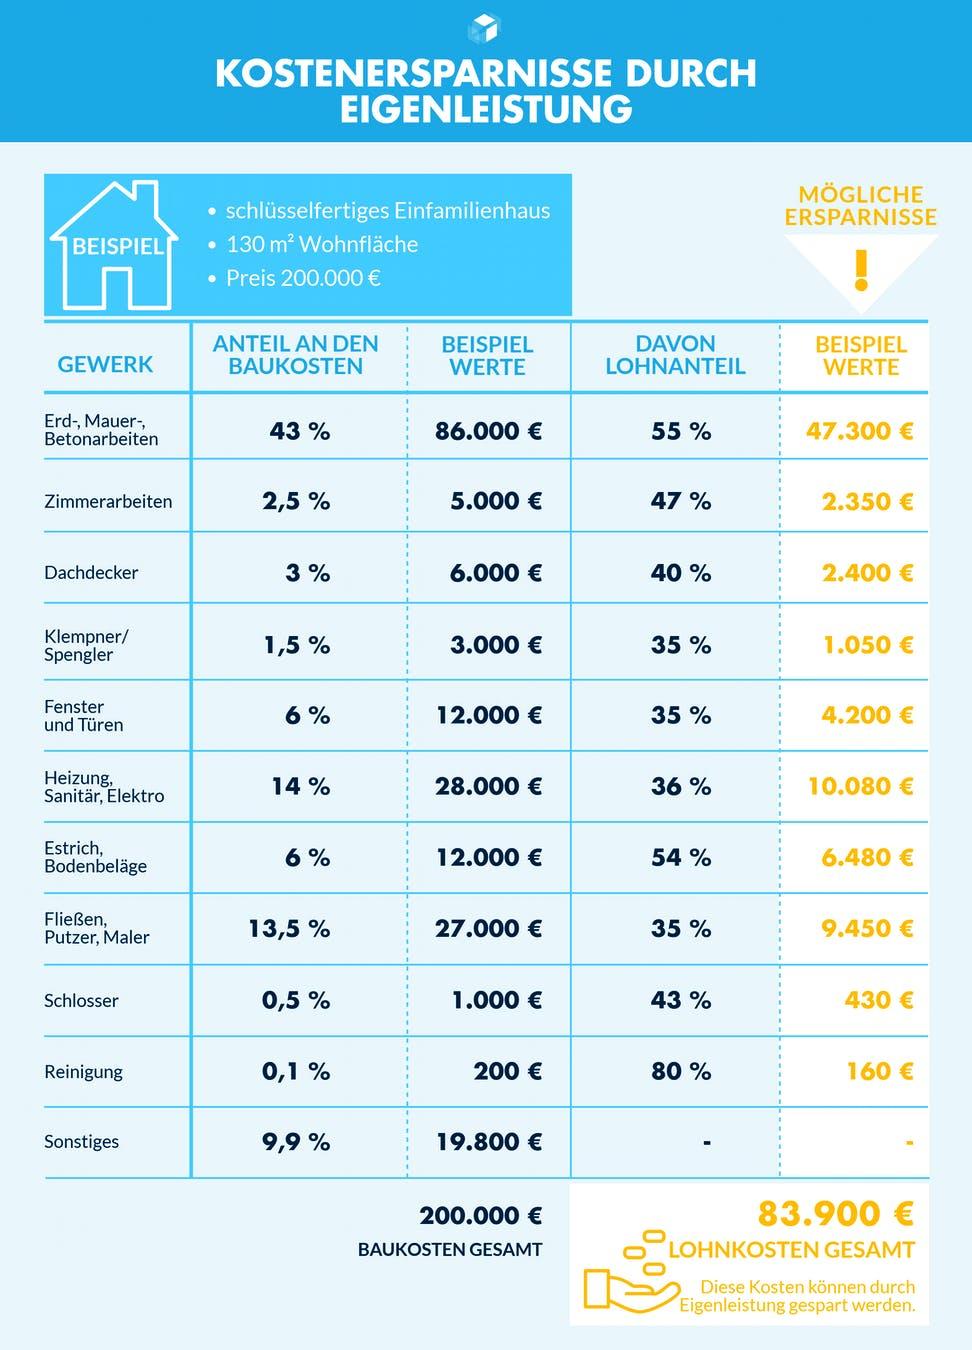 Infografik mit Beispielwerten zu Eigenleistungen und die resultierenden Ersparnisse